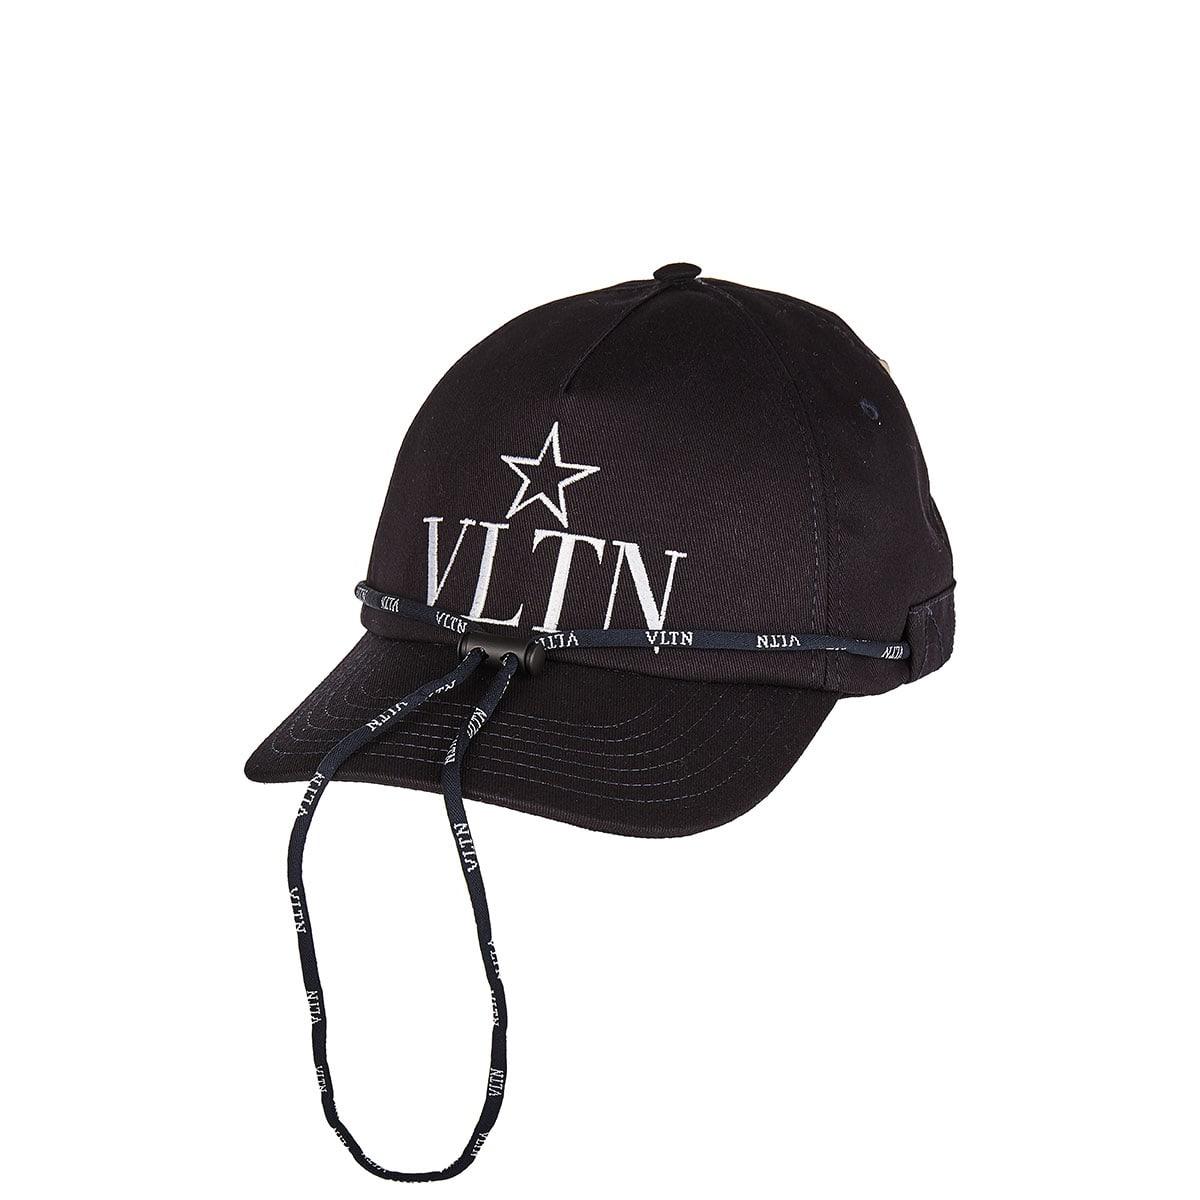 VLTN Star baseball cap